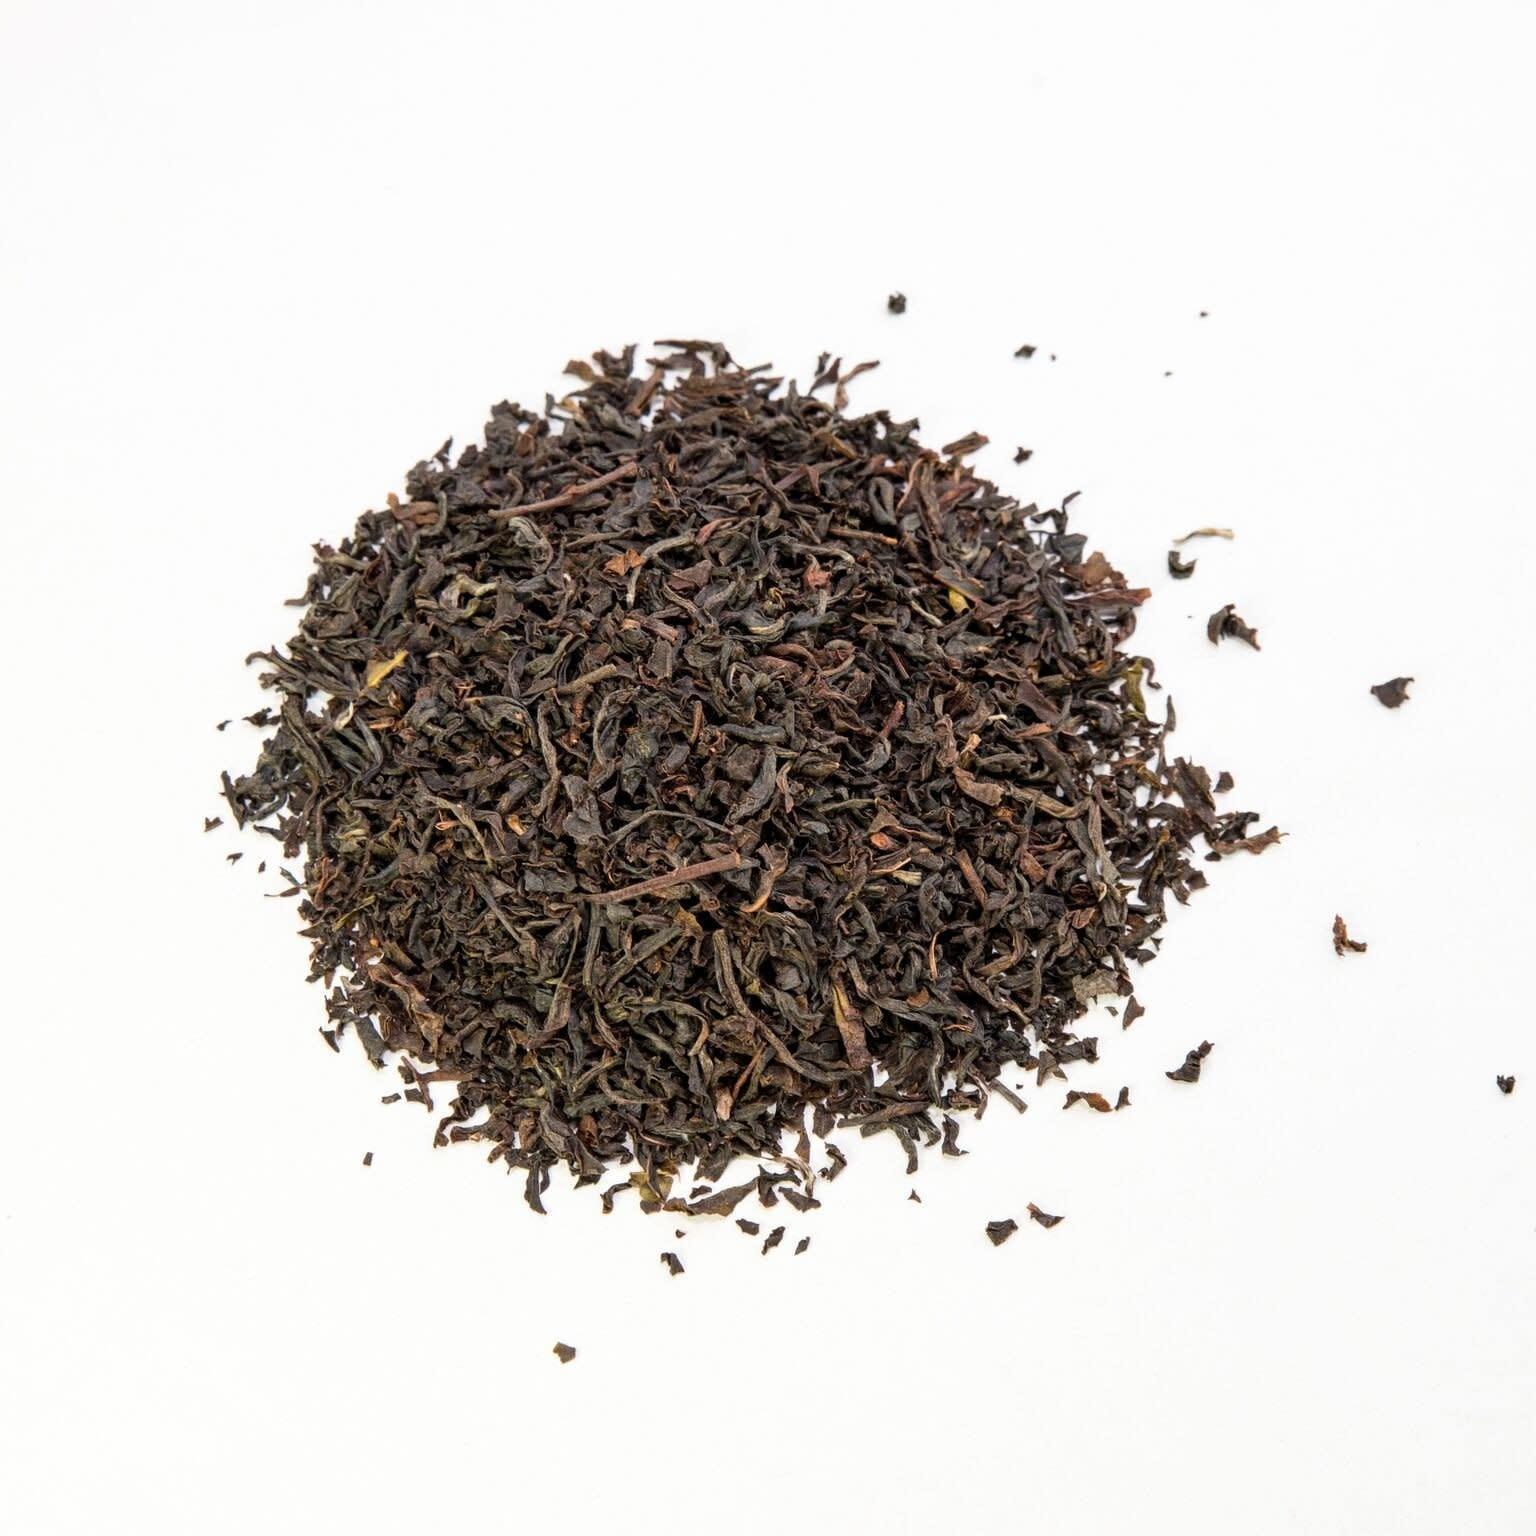 Naked Leaf English Breakfast Bulk Tea